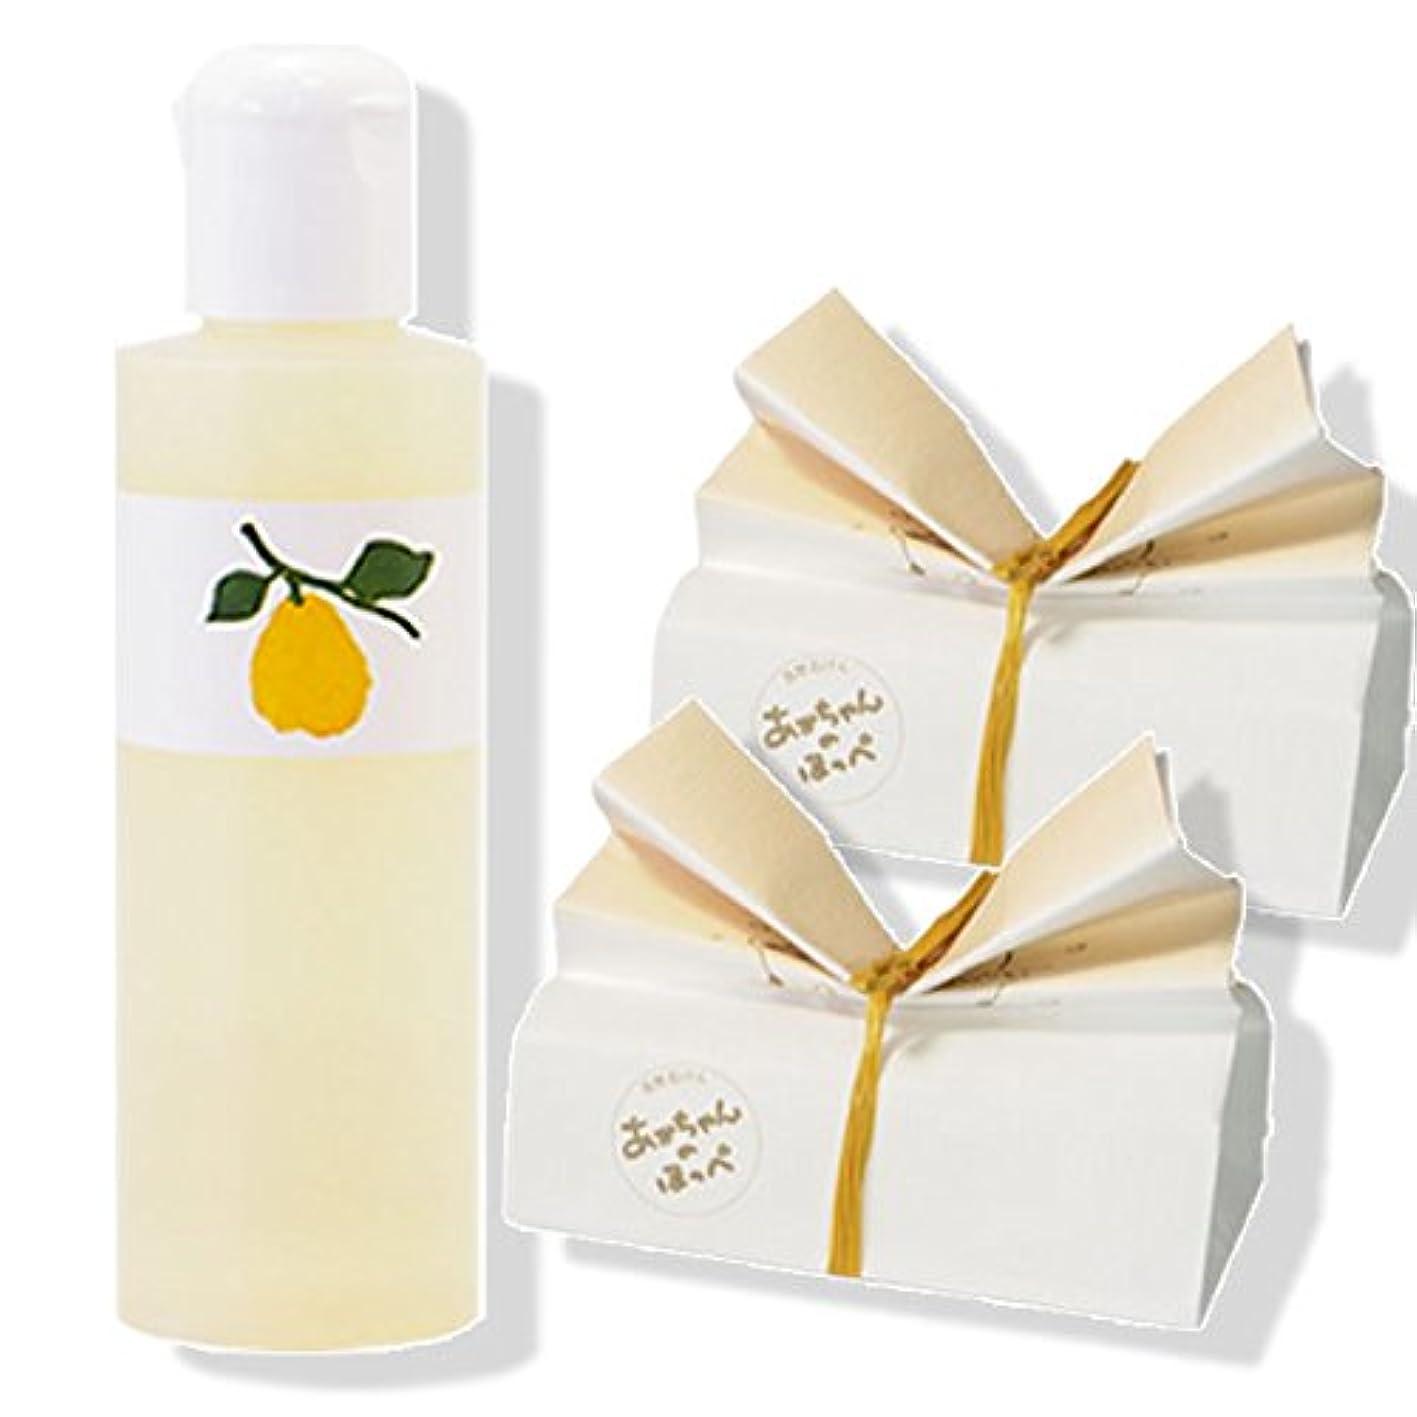 実り多い水銀のハドル「花梨の化粧水」1本 & 「あかちゃんのほっぺ」石鹸 2個セット